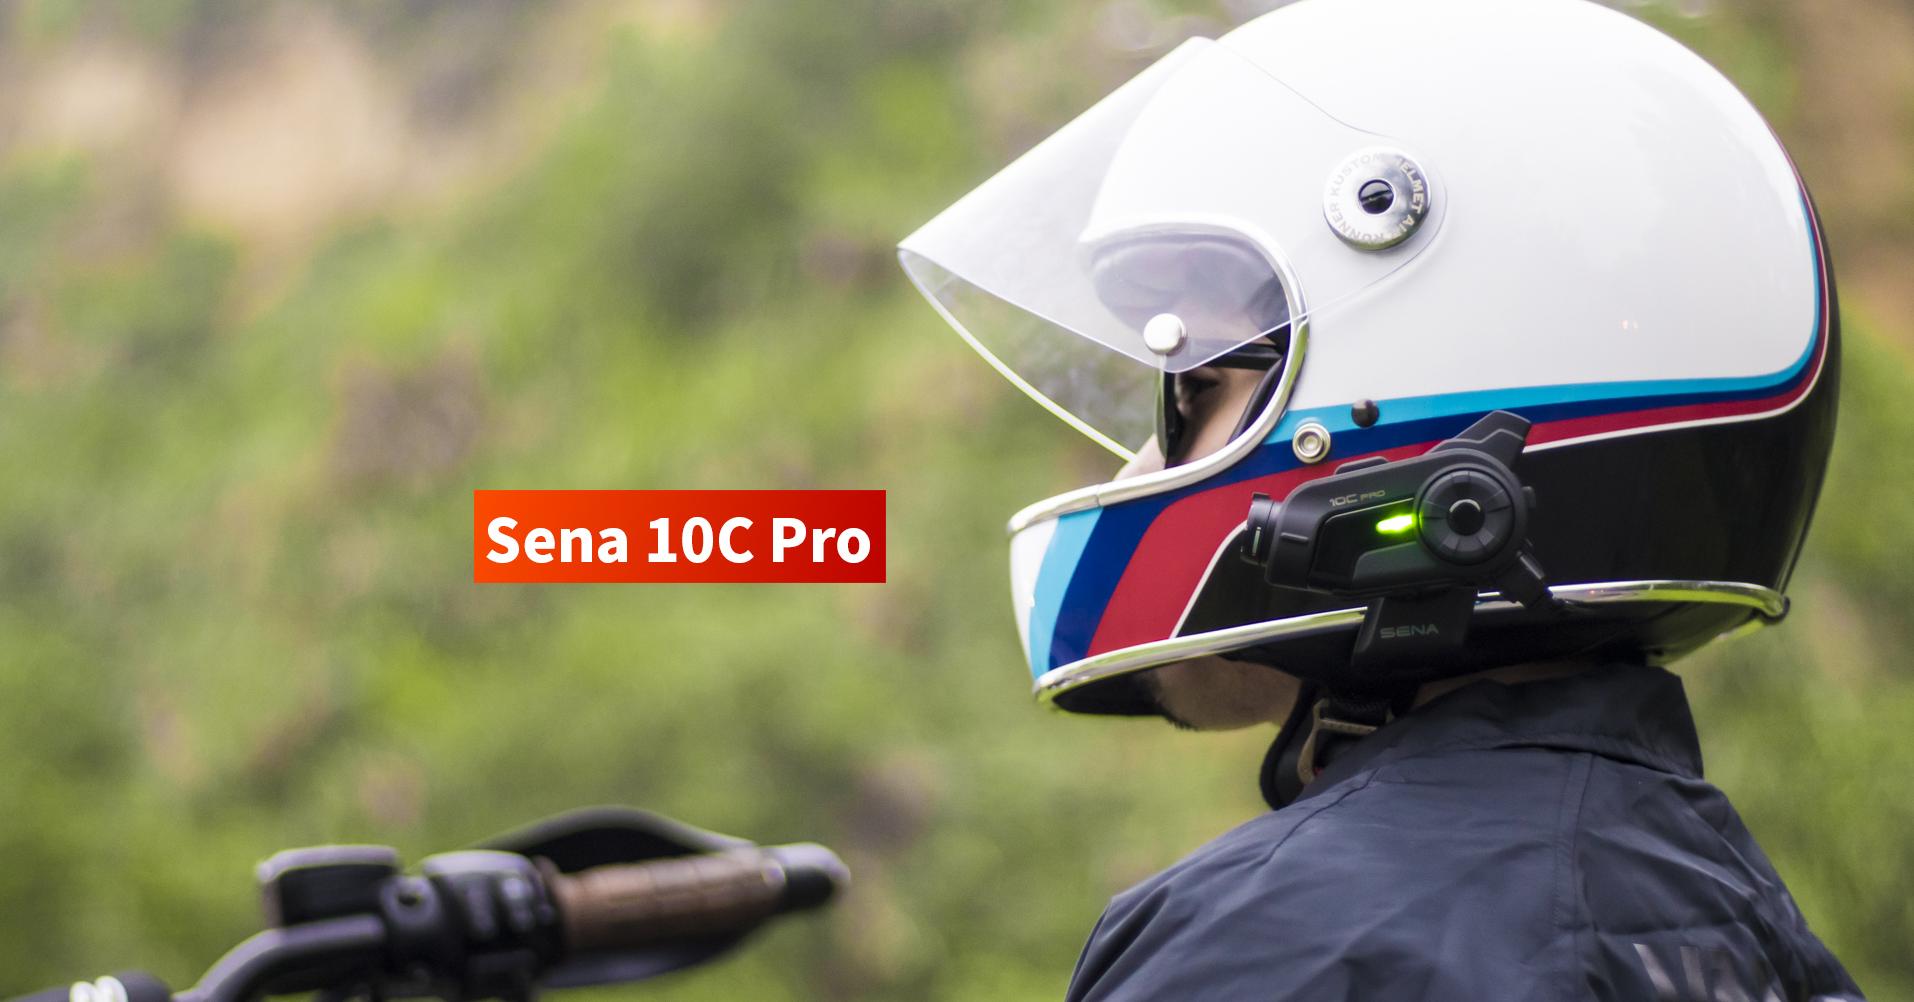 SENA 10C Pro 騎士馳騁最佳配件,完美整合錄影、藍牙通訊的跨世代武器